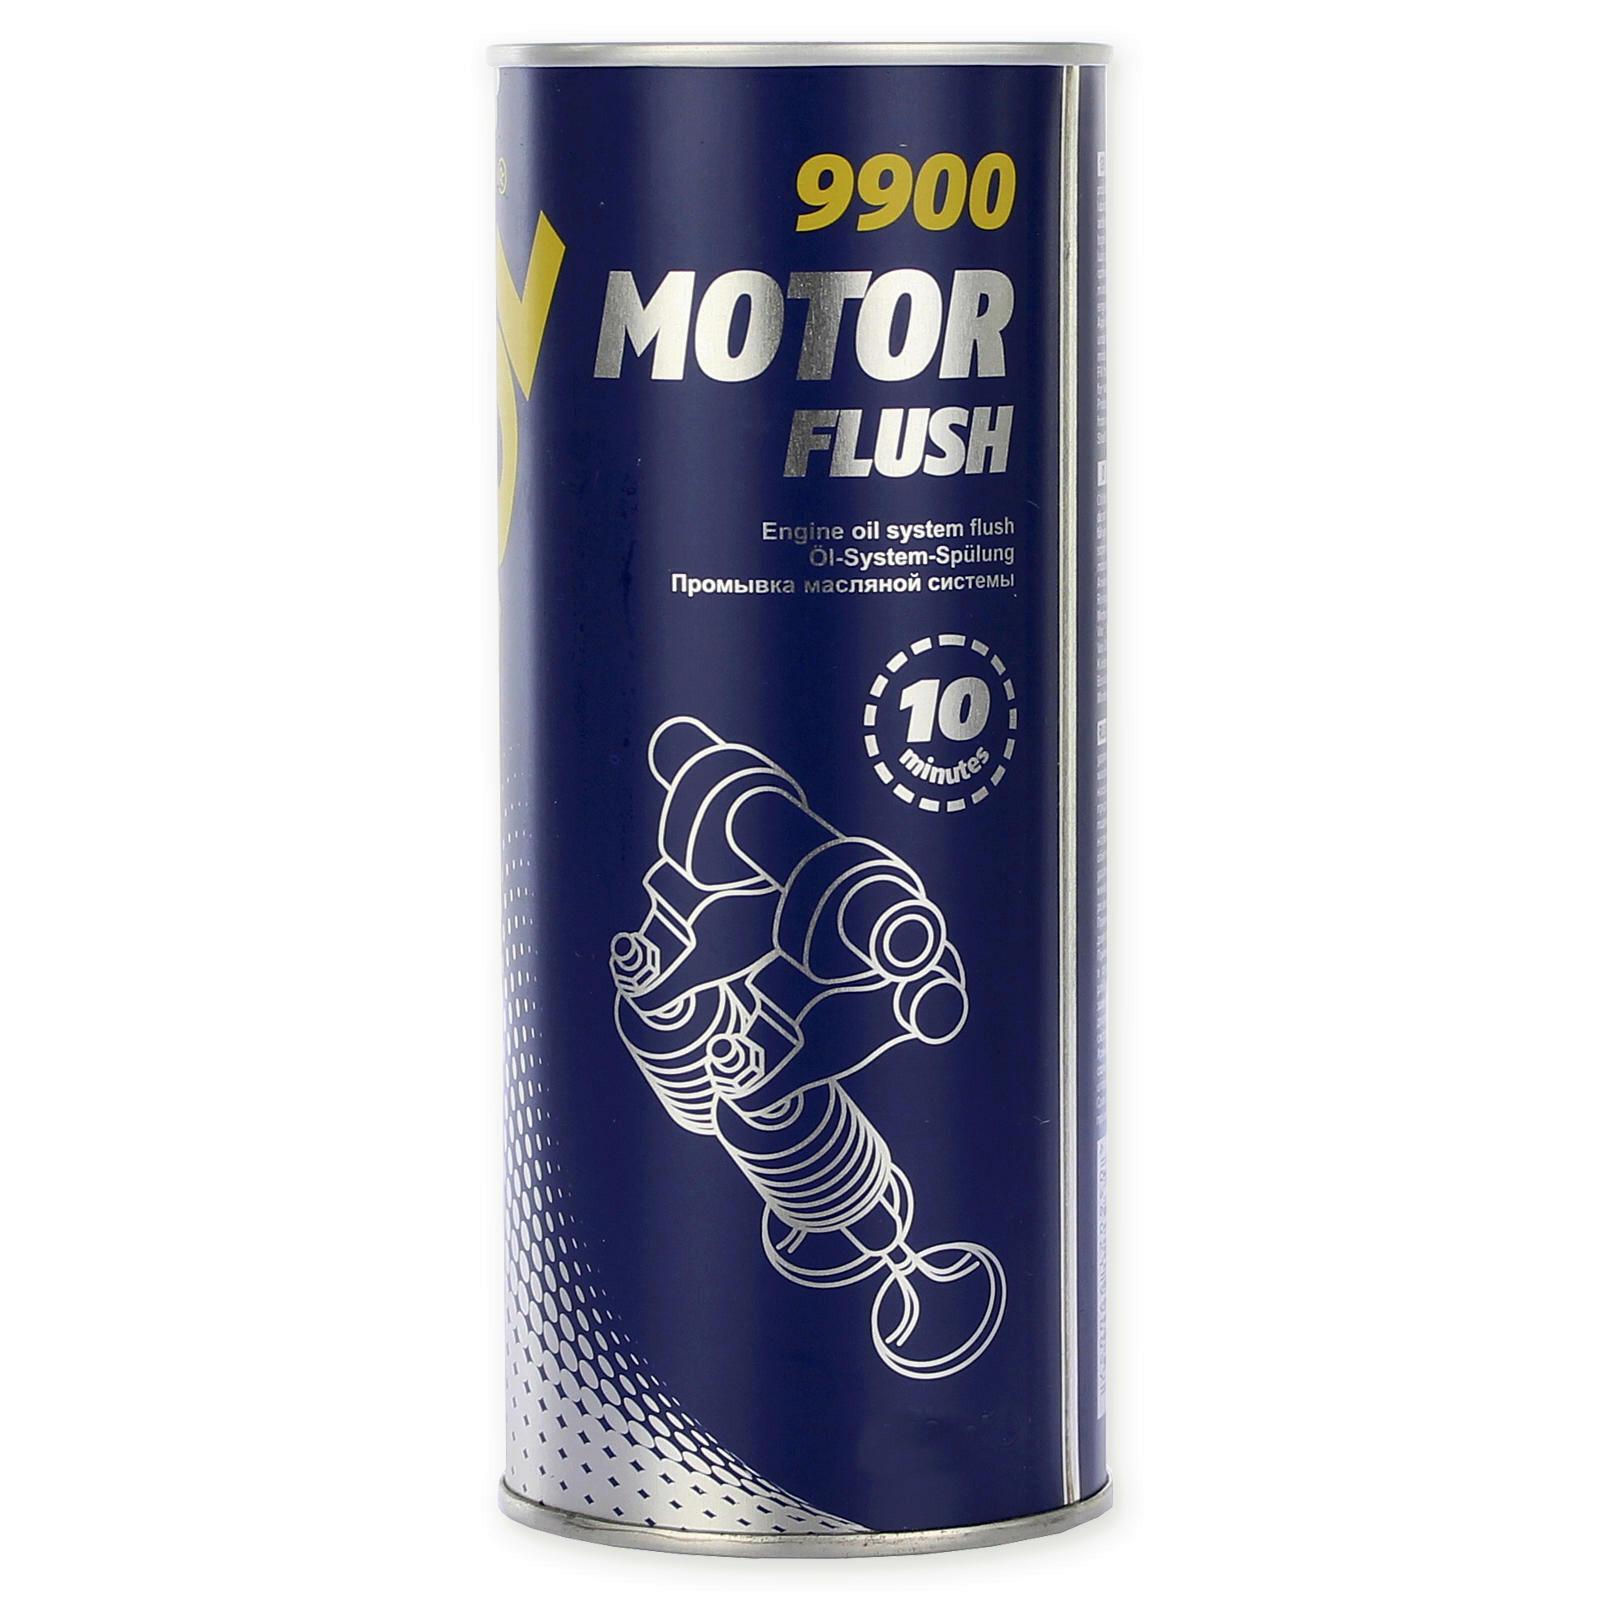 Mannol Motorspülung 350ml löst Schlamm, Rückstände & Verschmutzungen 10 Minuten